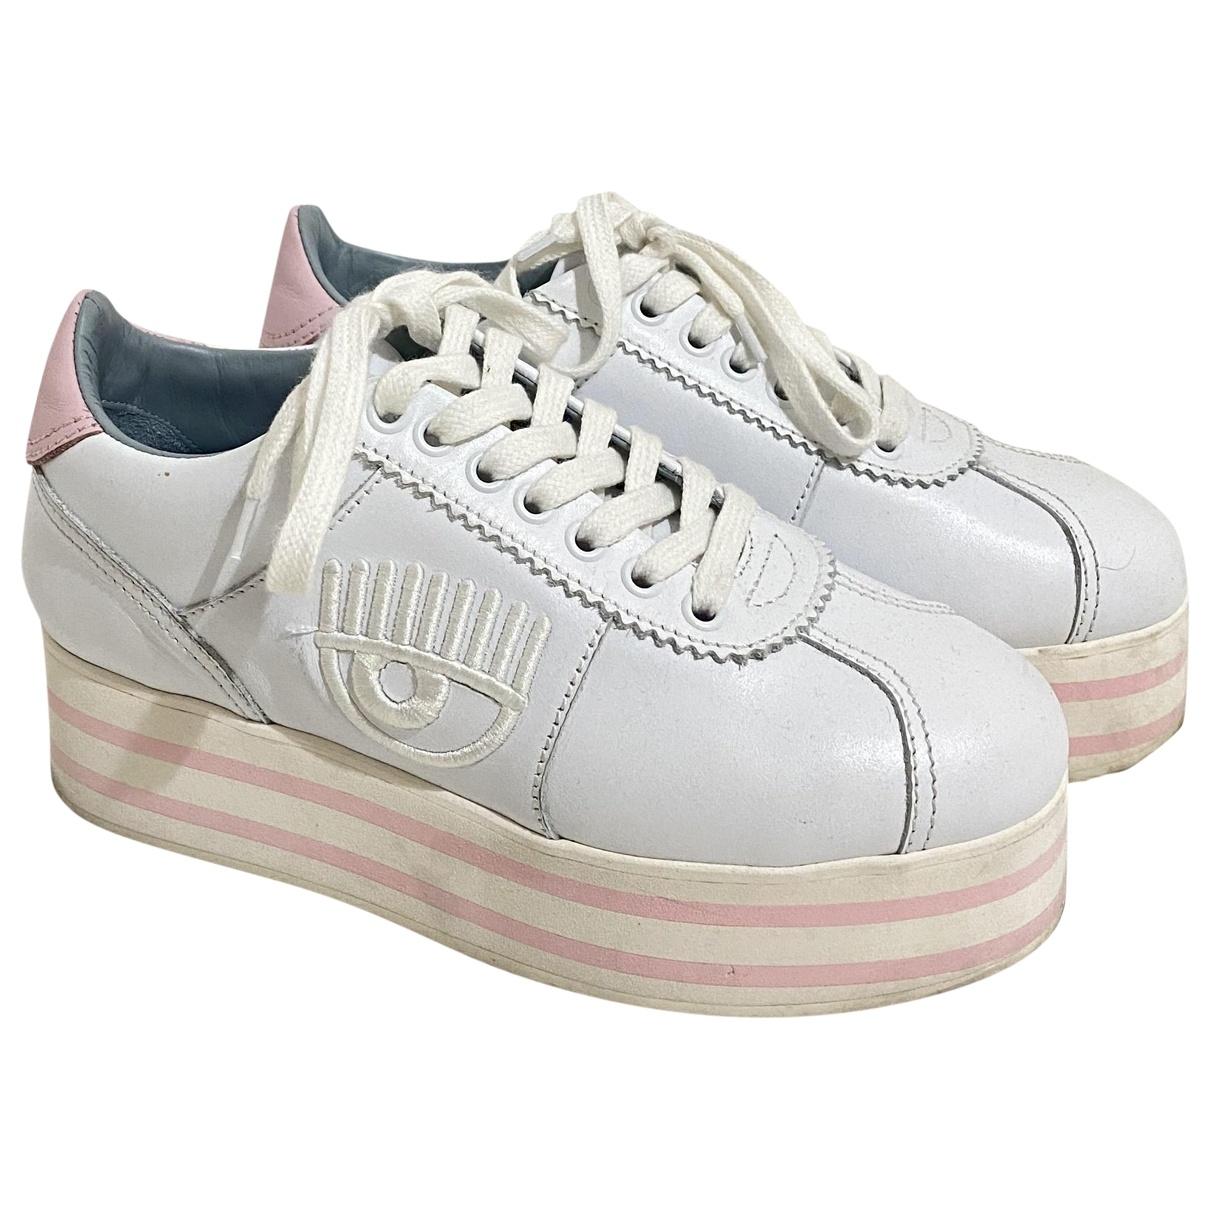 Chiara Ferragni \N Sneakers in  Weiss Leder